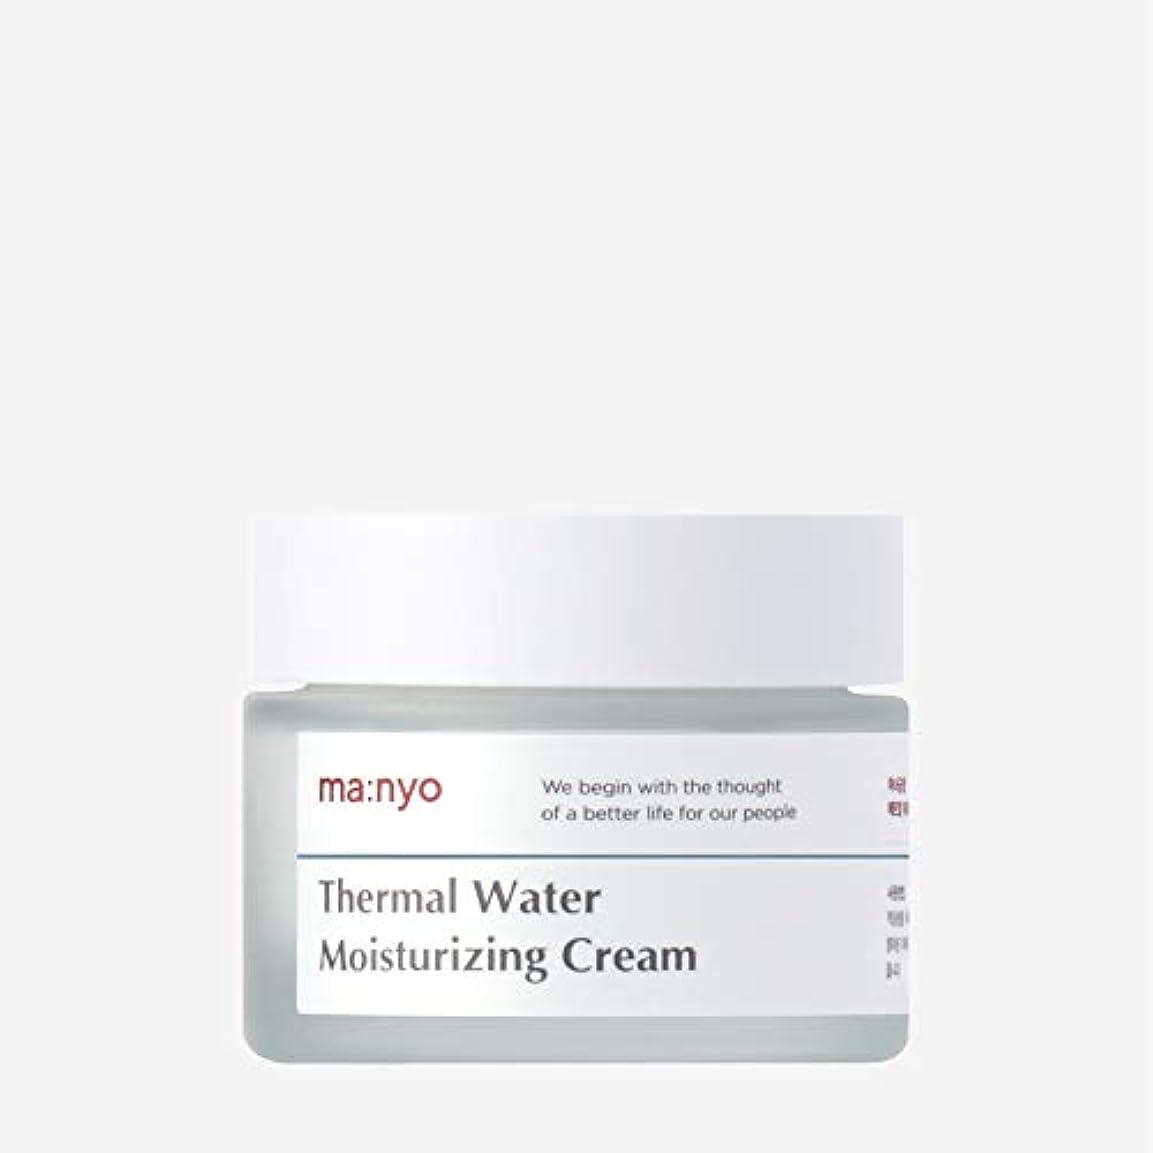 びっくり倍率トラック魔女工場(Manyo Factory) 温泉水ミネラルクリーム 50ml / 天然ミネラル、チェコ温泉水67%で保湿補充